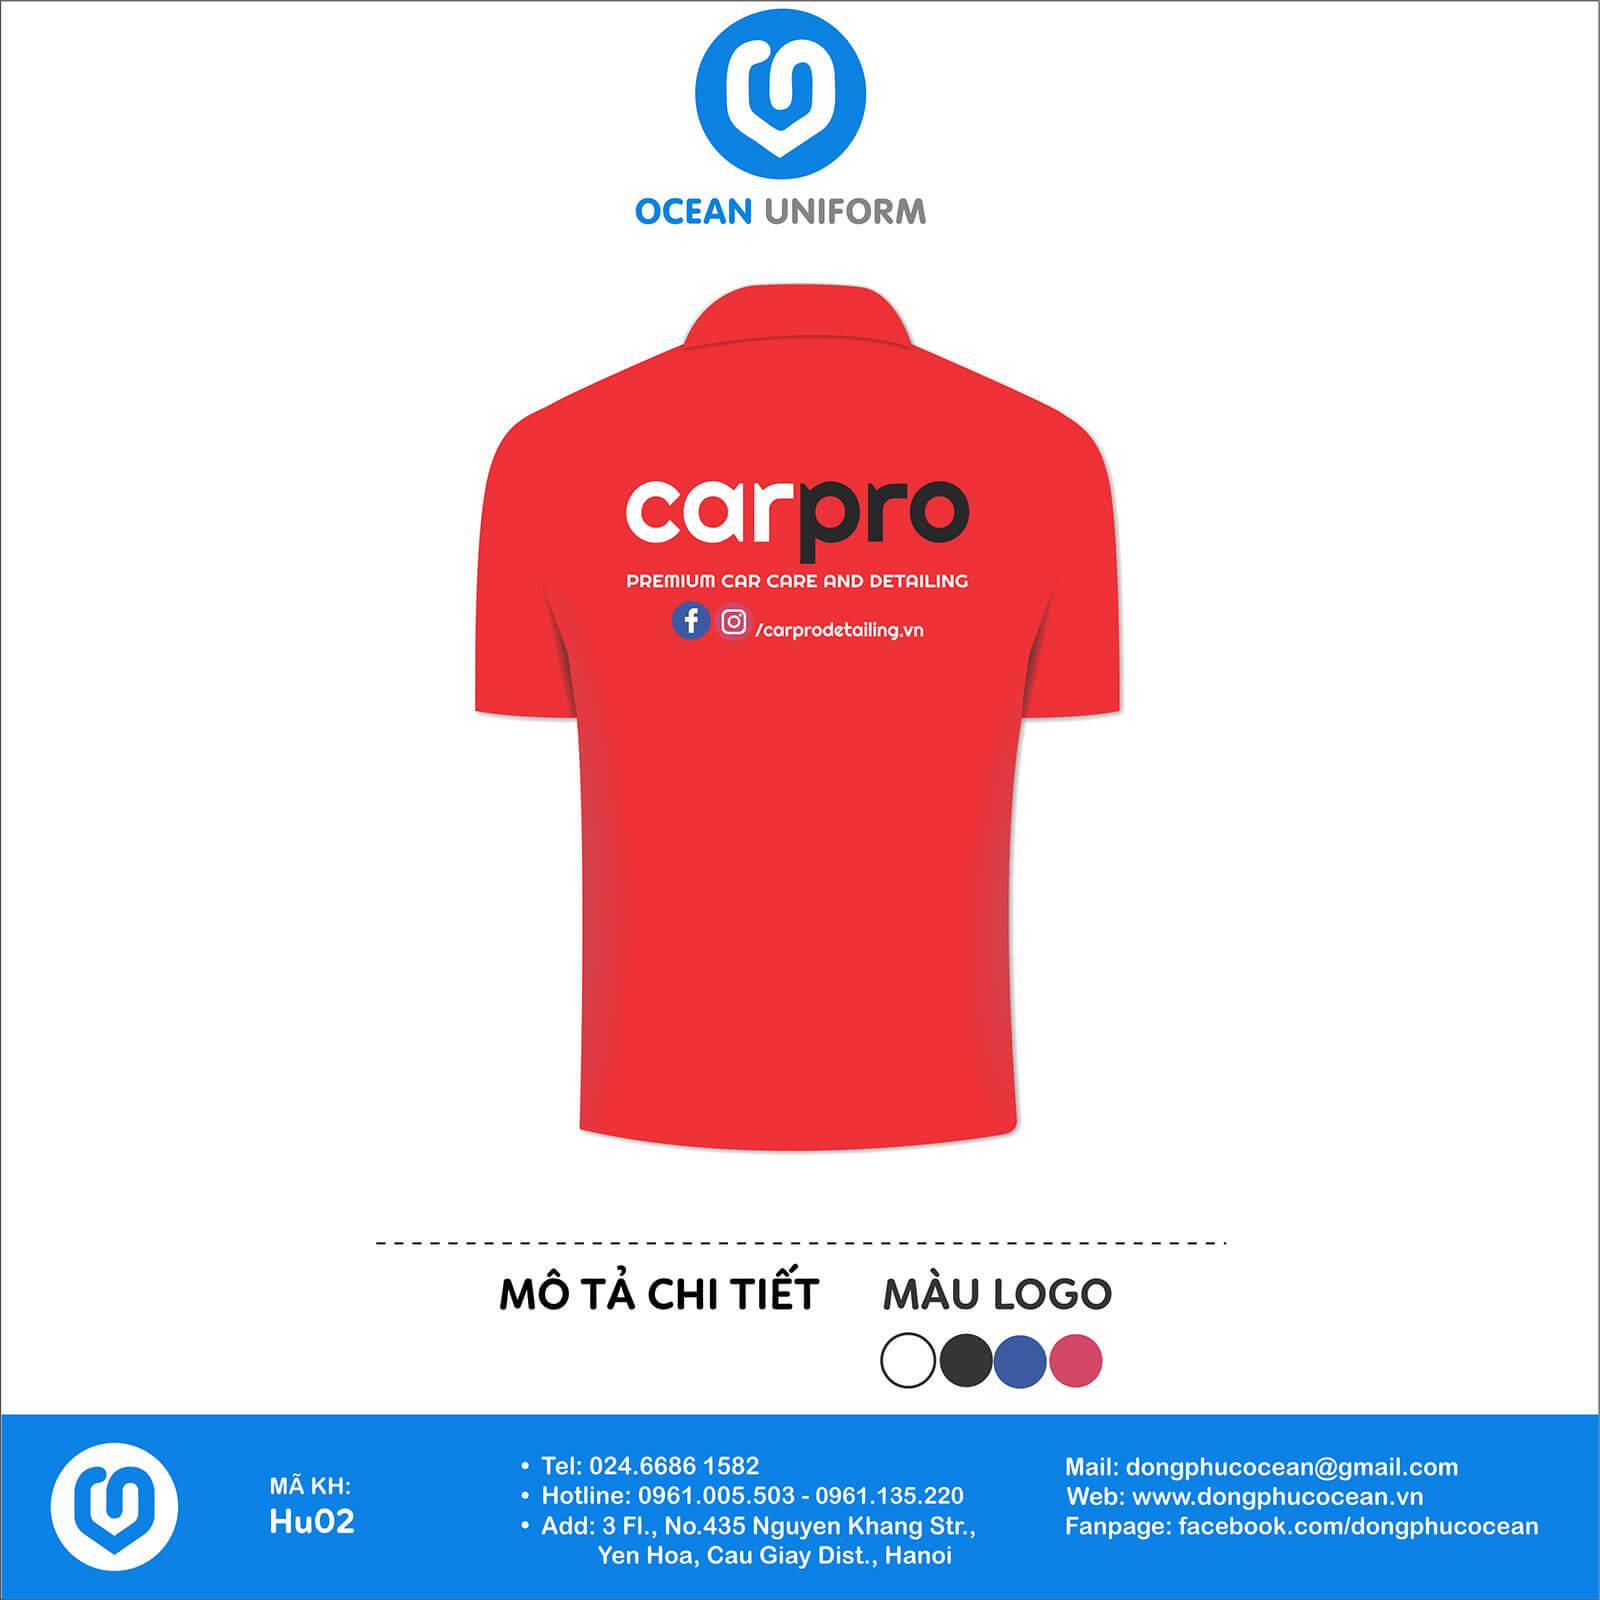 Áo đồng phục công ty cho nhân viên Garage sửa xe Car Pro mặt sau (màu đỏ)